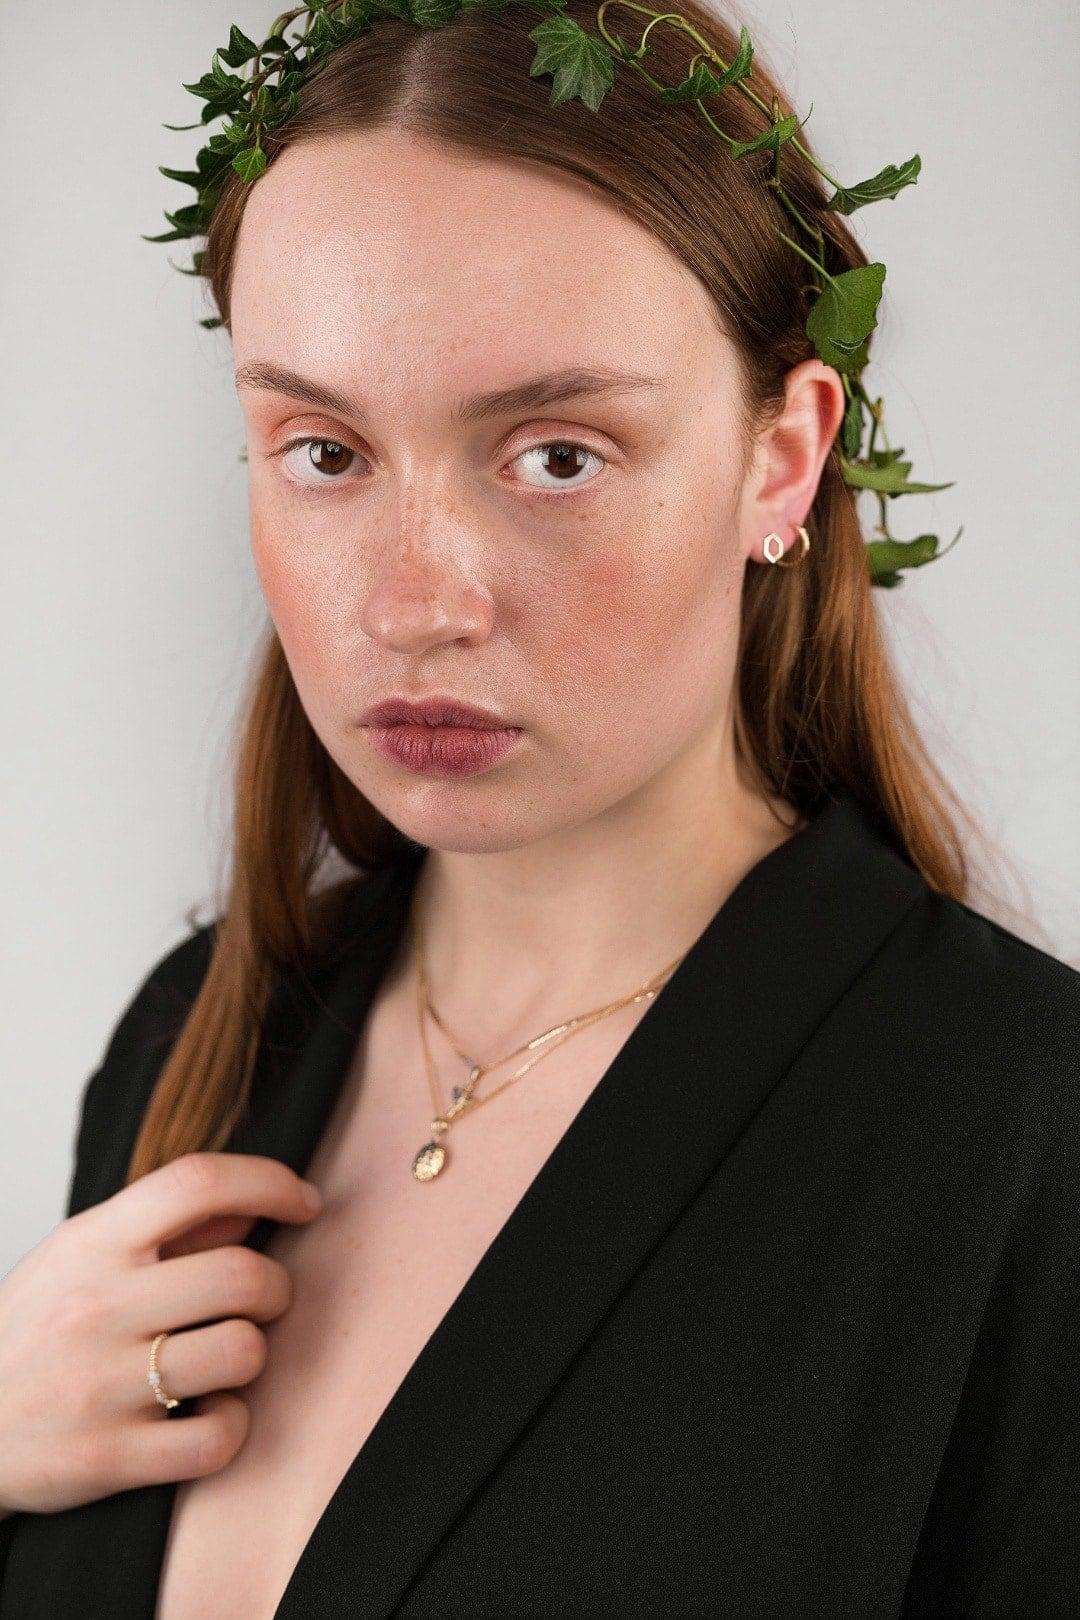 Modelka prezentuje na sobie zestaw złotej biżuterii